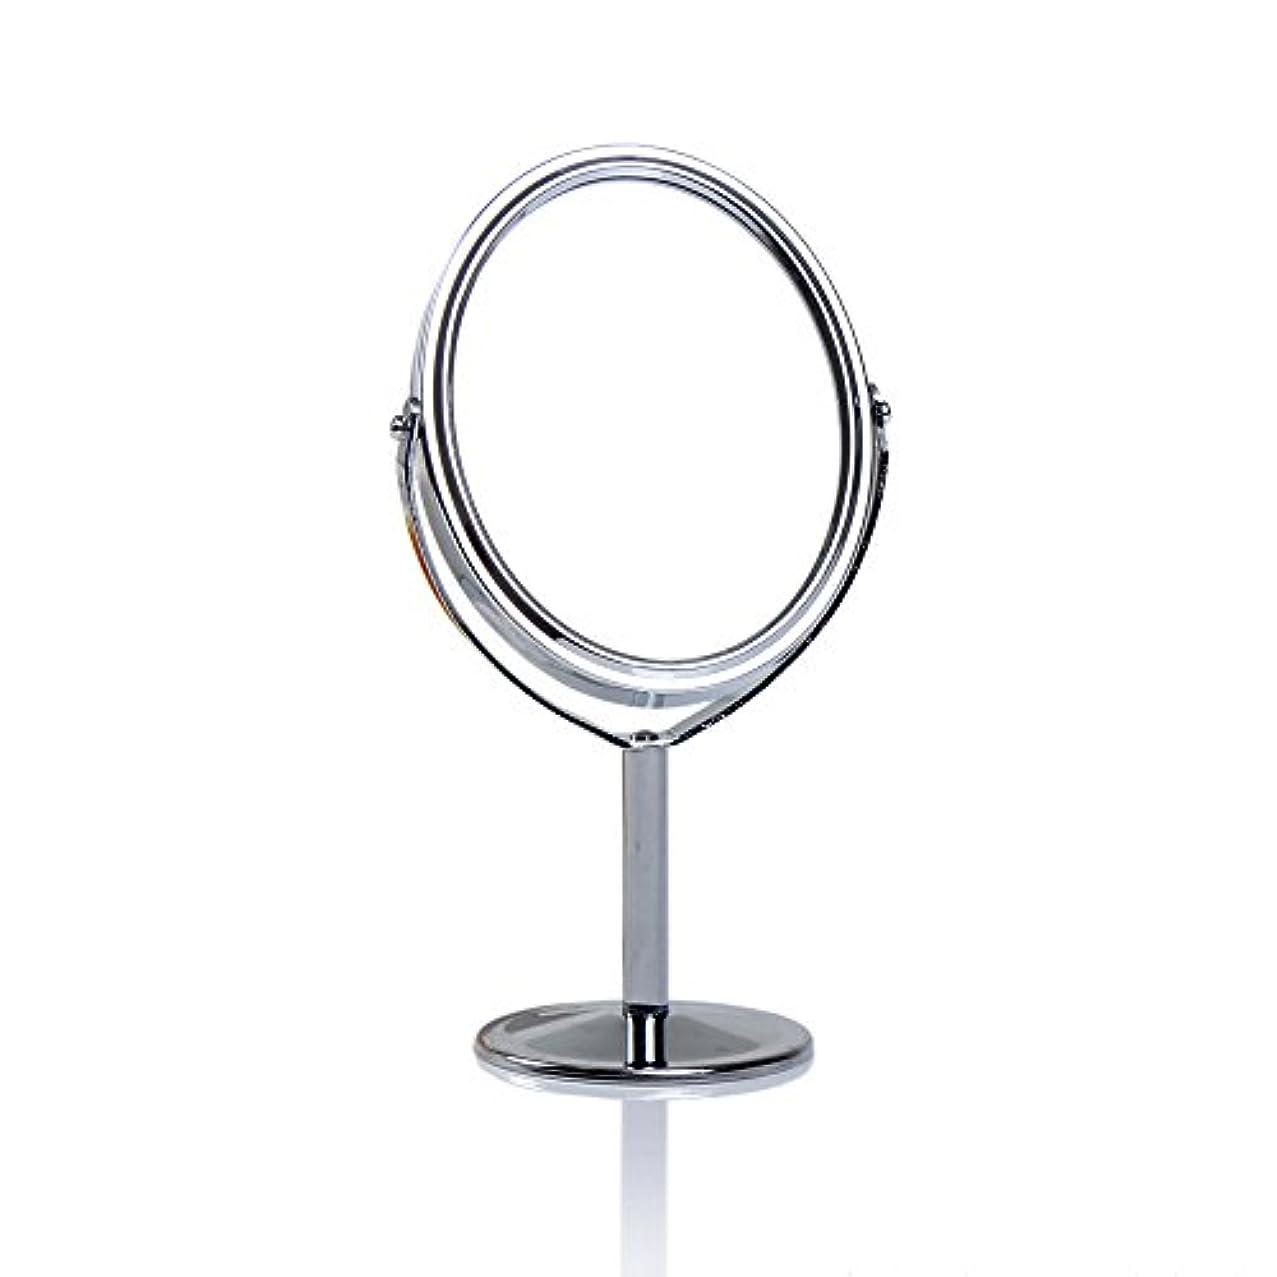 枯渇するスクラップ脱臼するDream 化粧鏡 両面 化粧ミラー 美容鏡 卓上鏡 浴室鏡 女優ミラー 防水 (B)